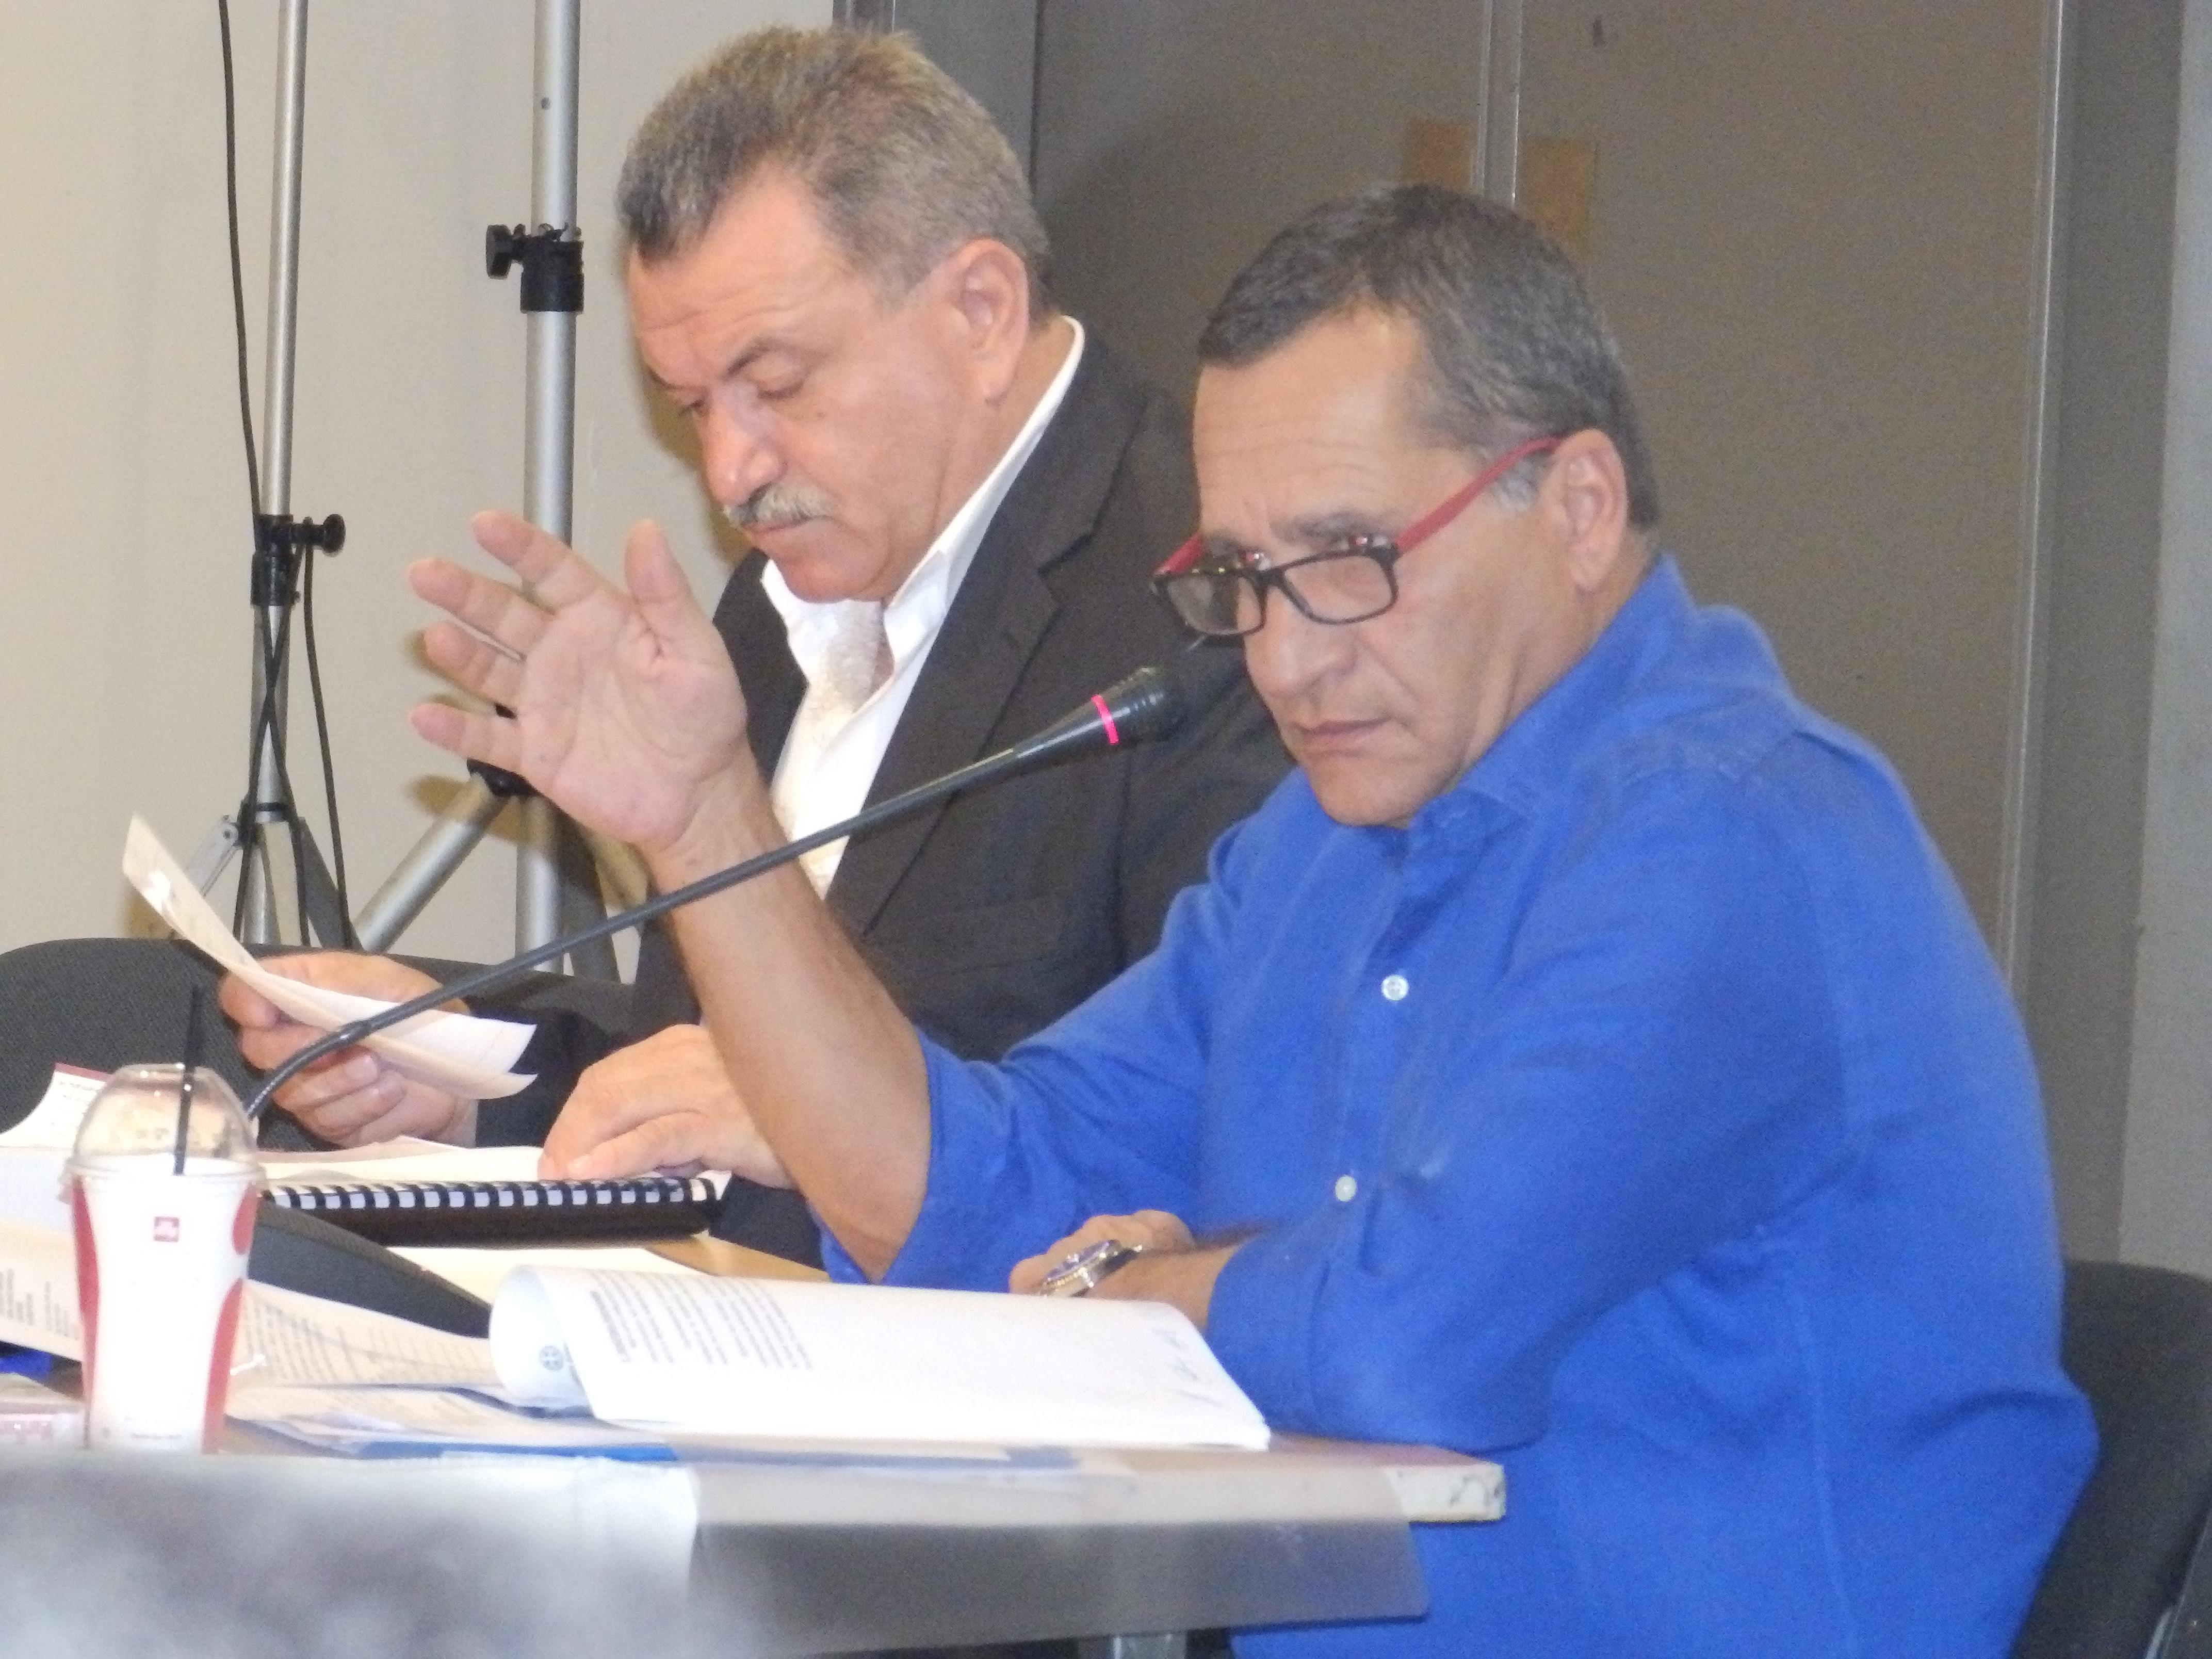 Ο περιφερειάρχης κ. Θ. Γαλιατσάτος και ο αντιδήμαρχος κ. Δ. Λυκούδης